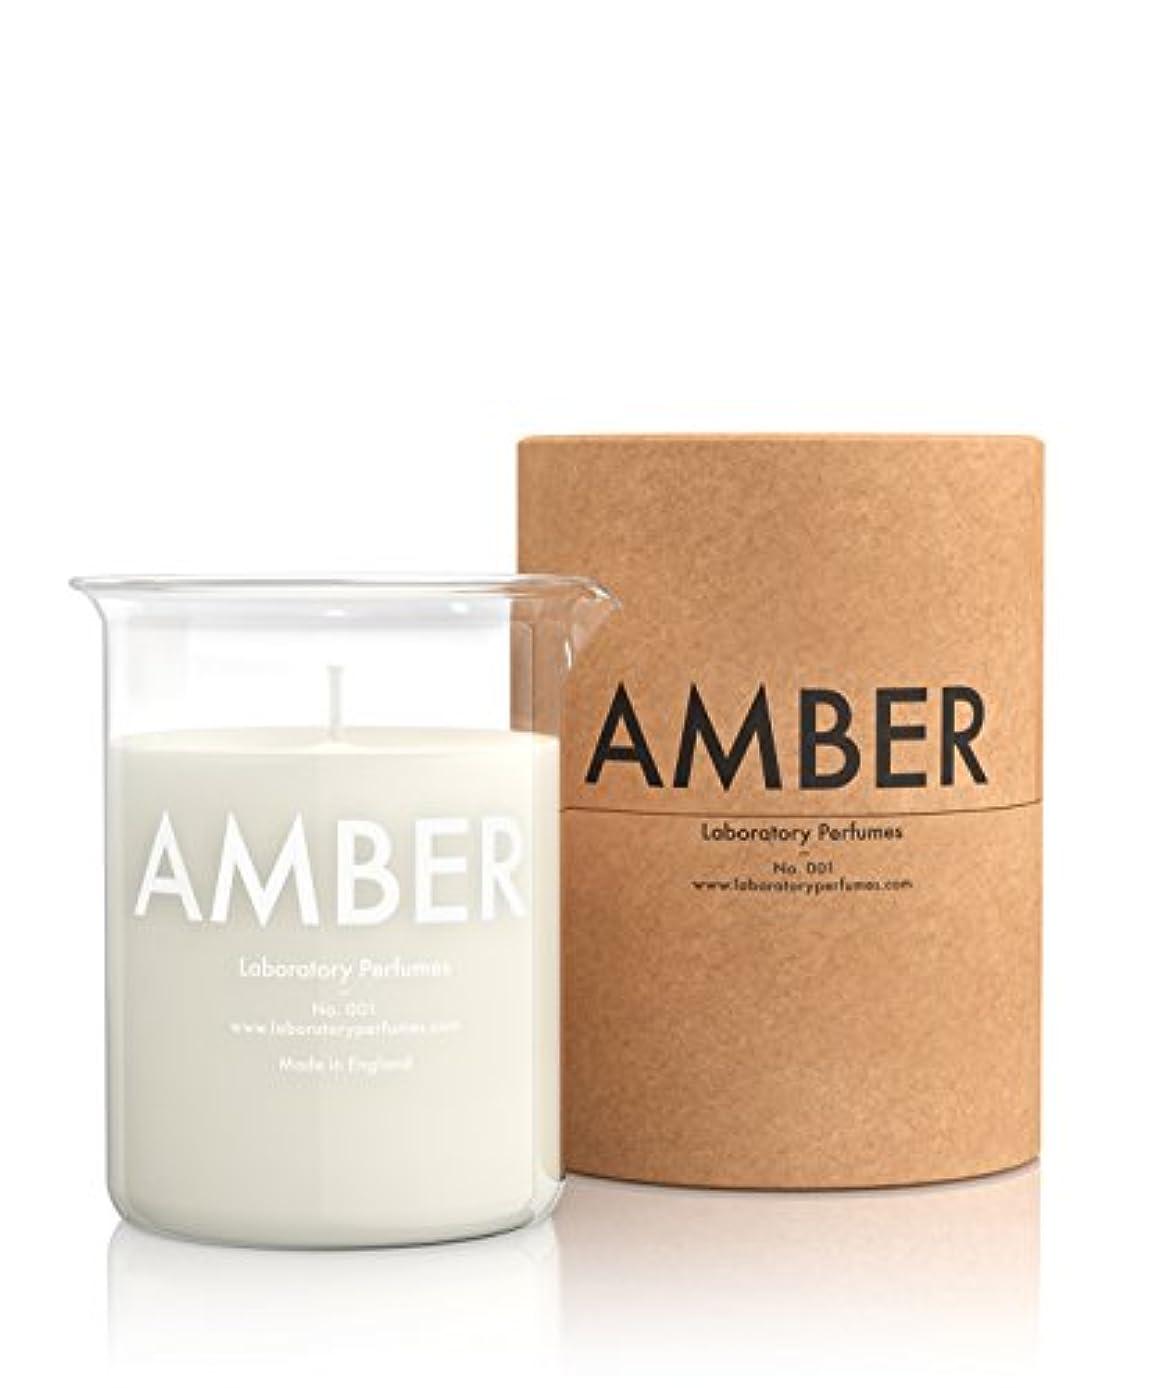 カフェテリア策定する確率Labortory Perfumes キャンドル アンバー Amber (フローラルウッディー Floral Woody) Candle ラボラトリー パフューム